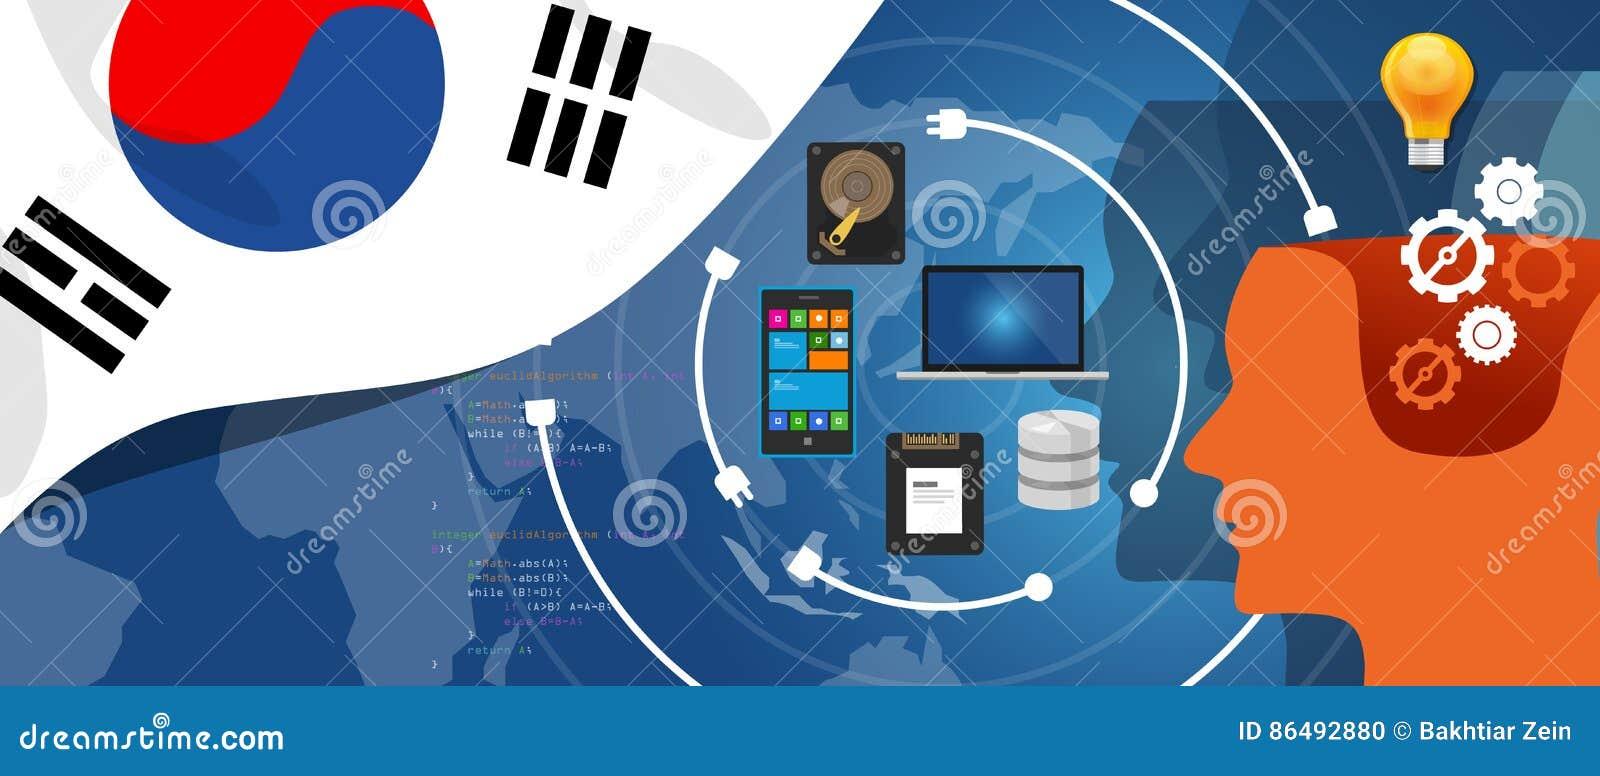 IT van Zuid-Korea informatietechnologie digitale infrastructuur verbindende bedrijfsgegevens via Internet-netwerk het gebruiken